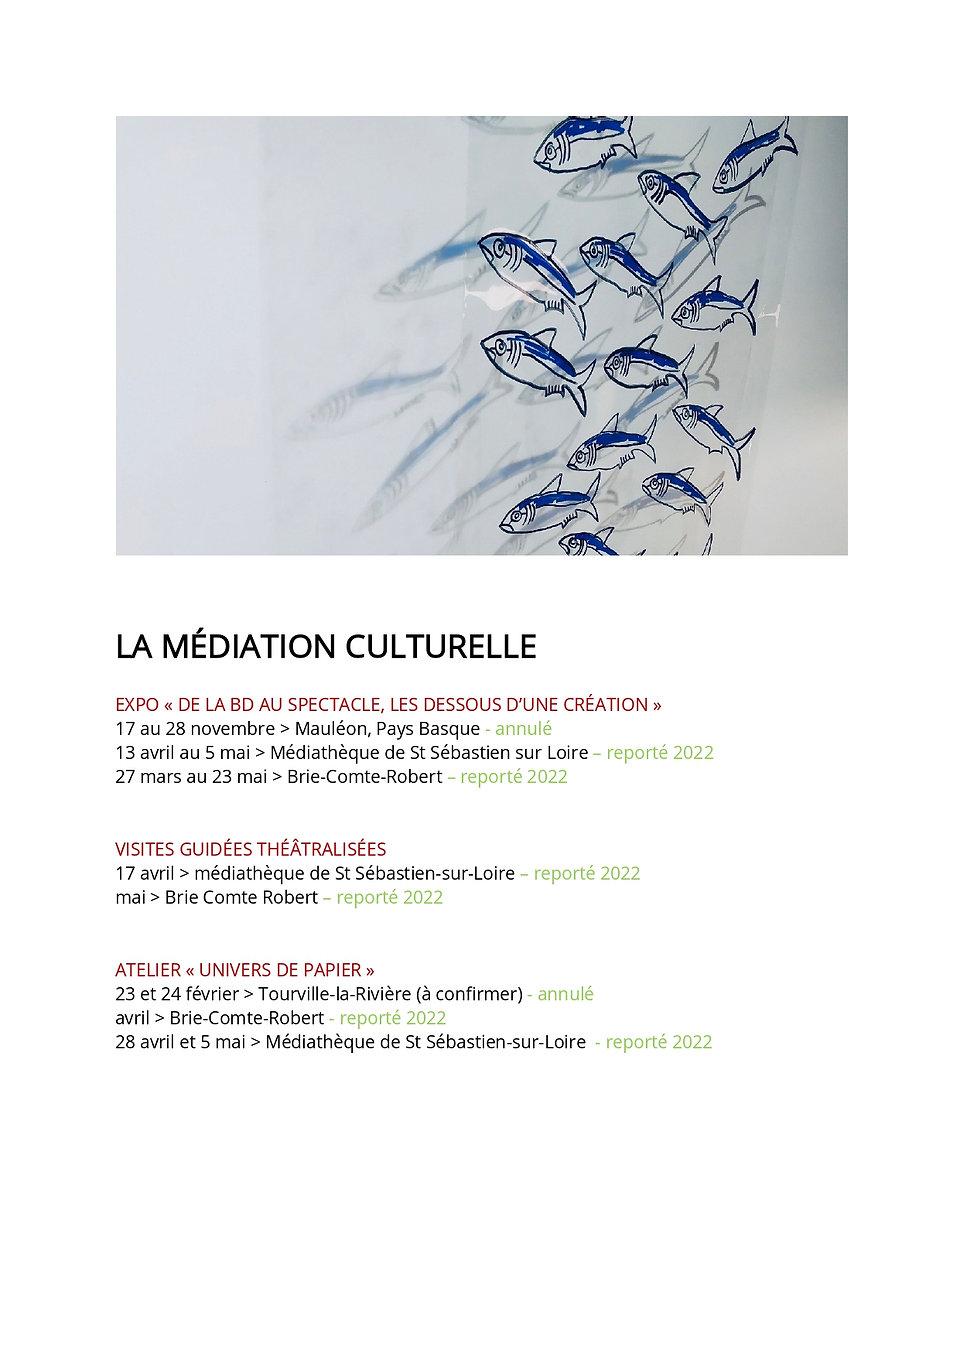 LA MÉDIATION CULTURELLE_page-0001.jpg